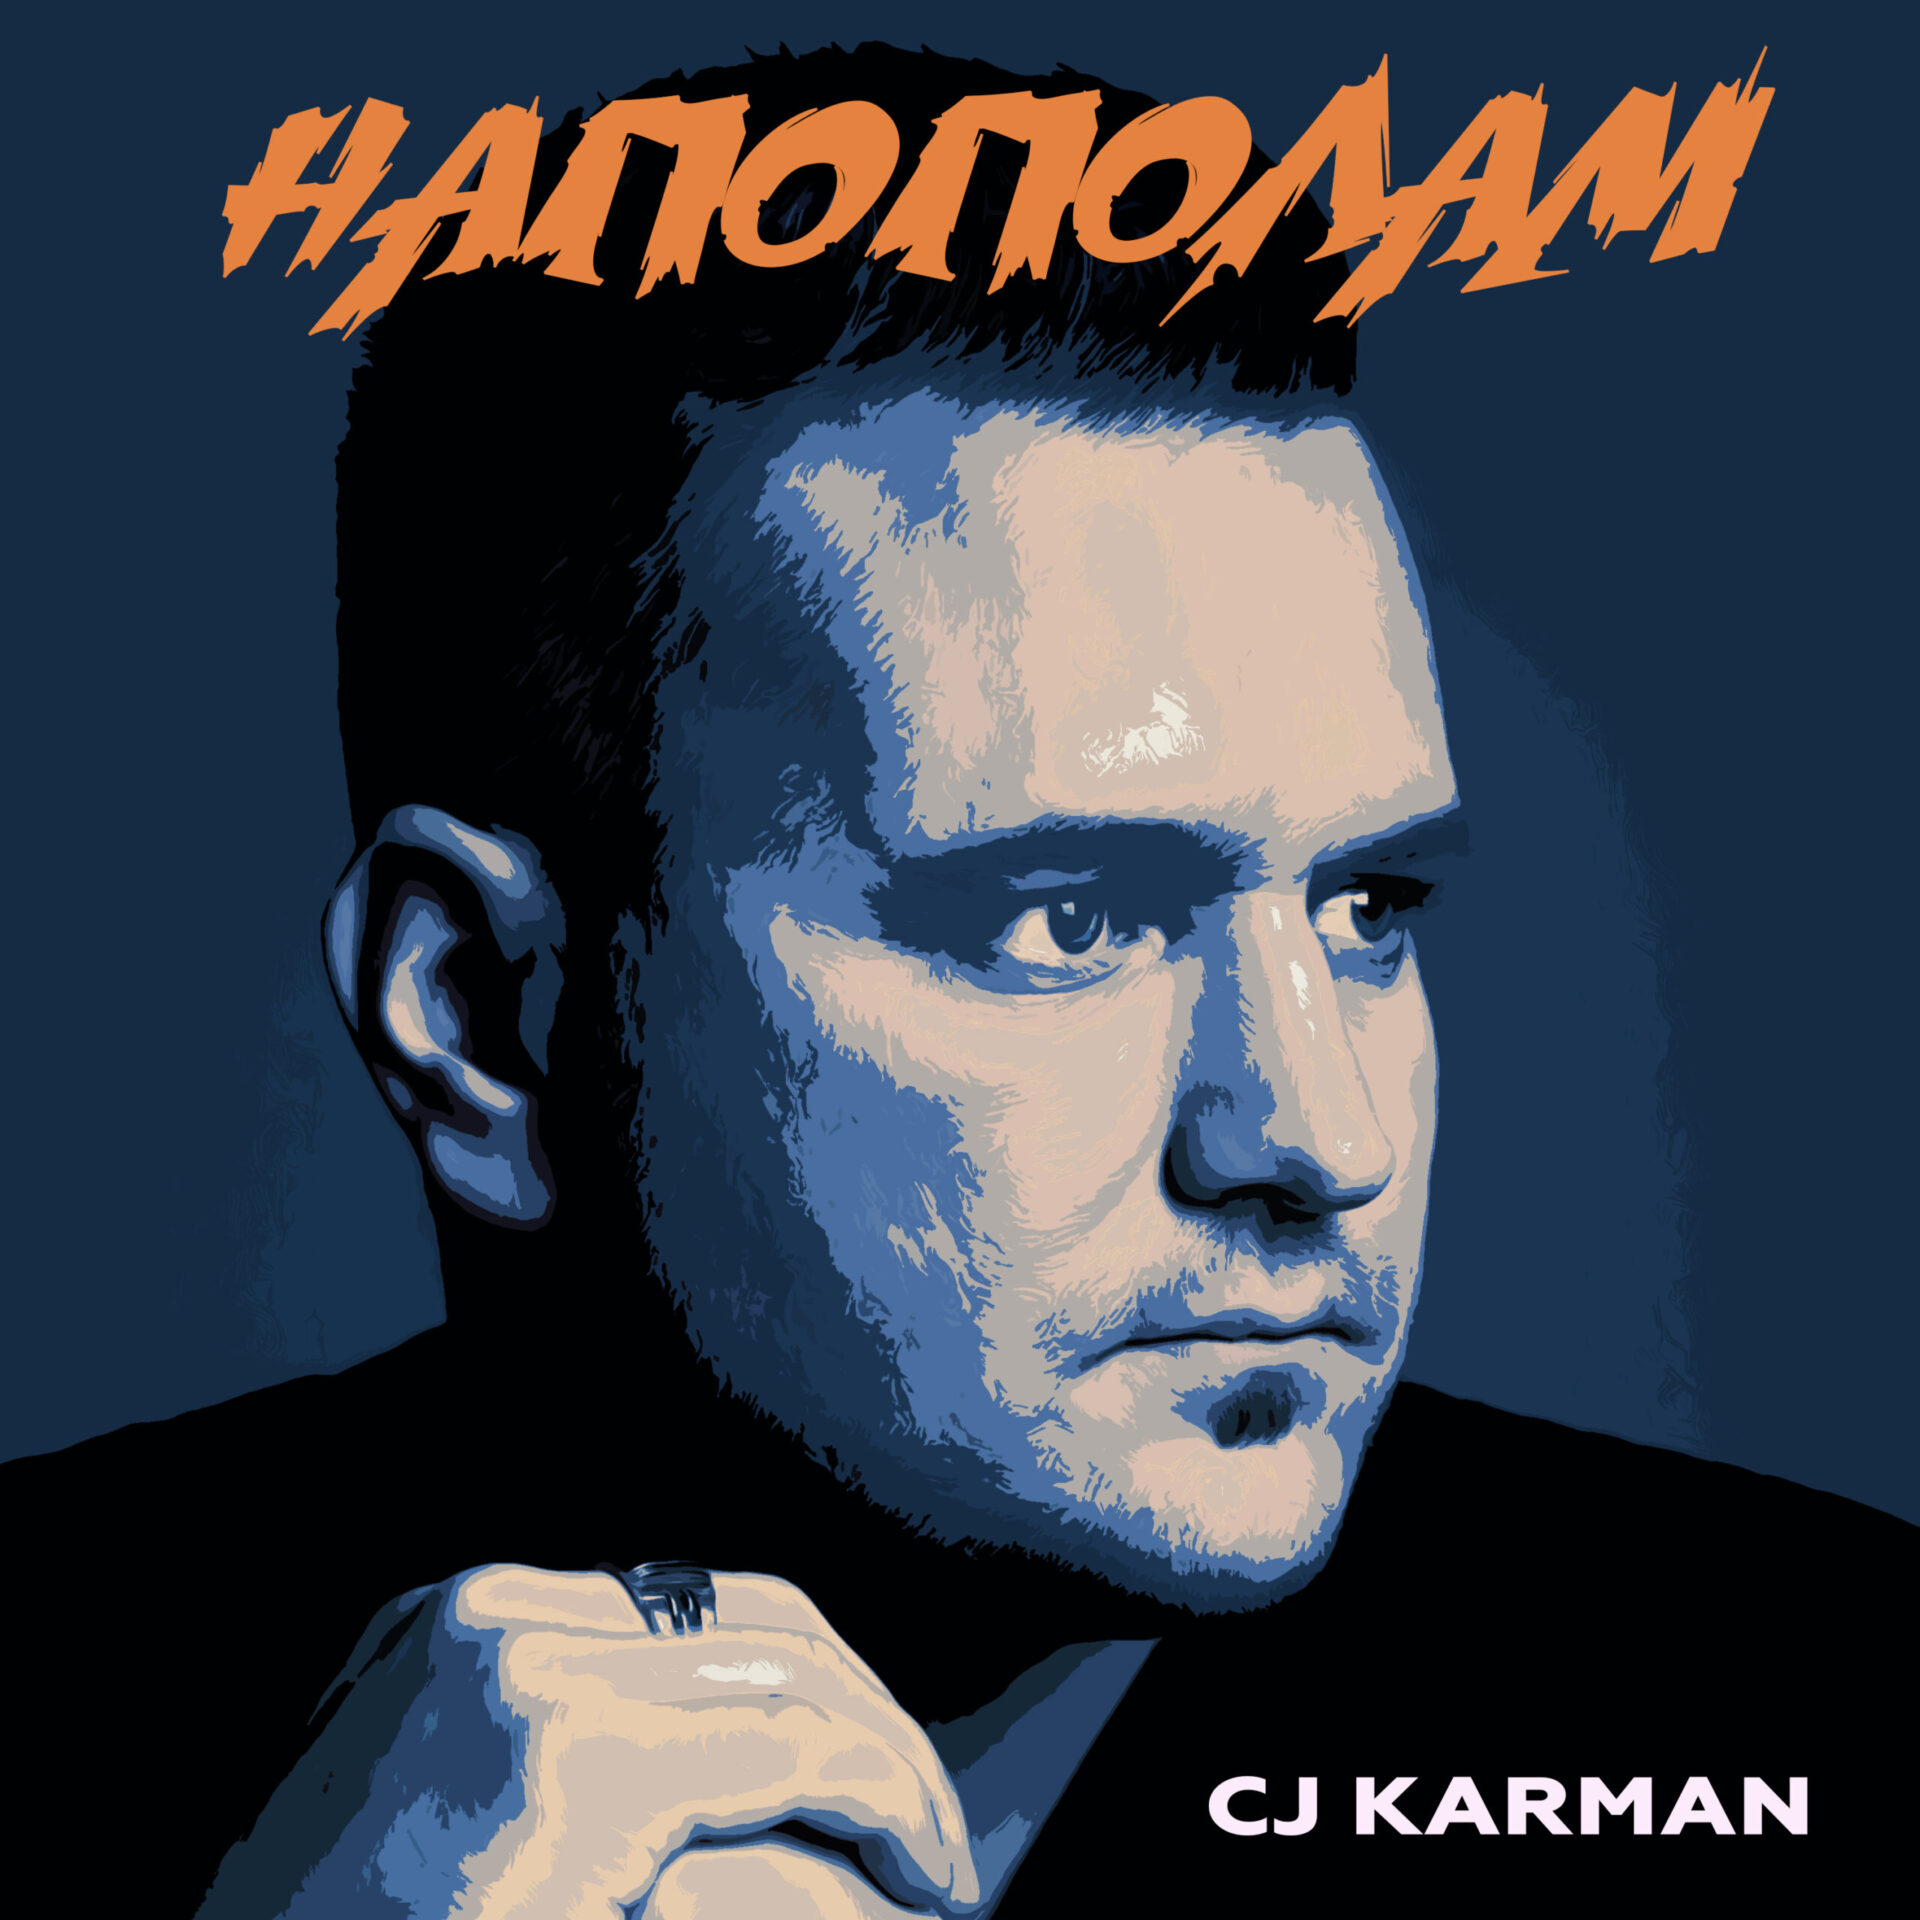 """Певец CJ Karman презентует романтическую балладу """"Напополам"""""""